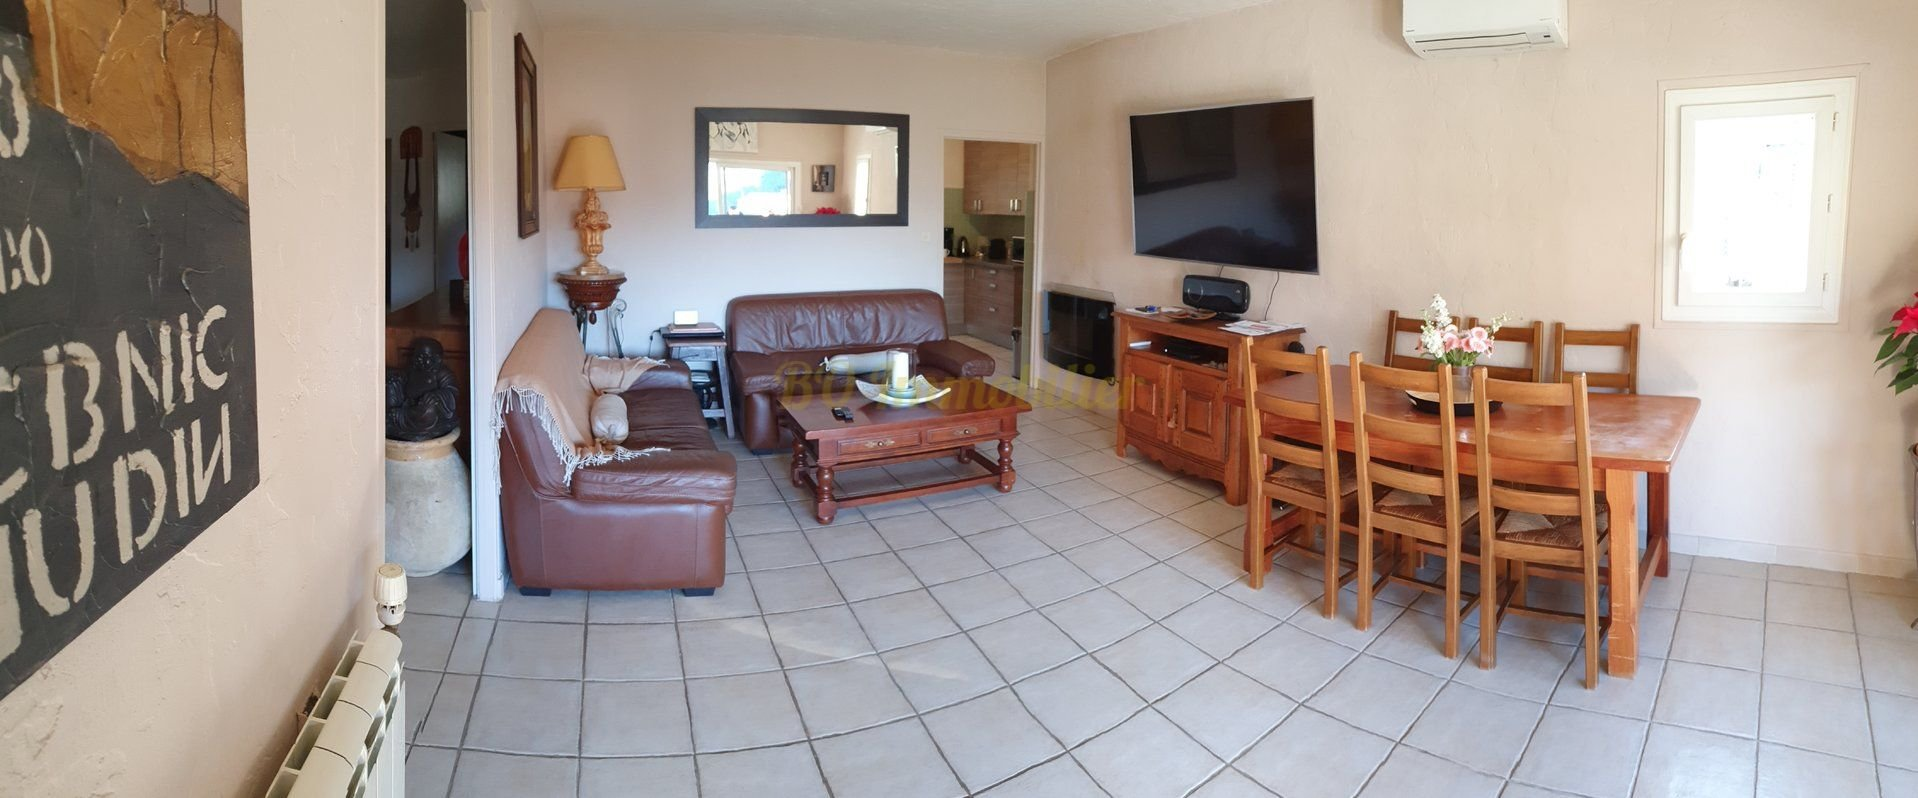 Maison individuelle 4p de 92m² + garage